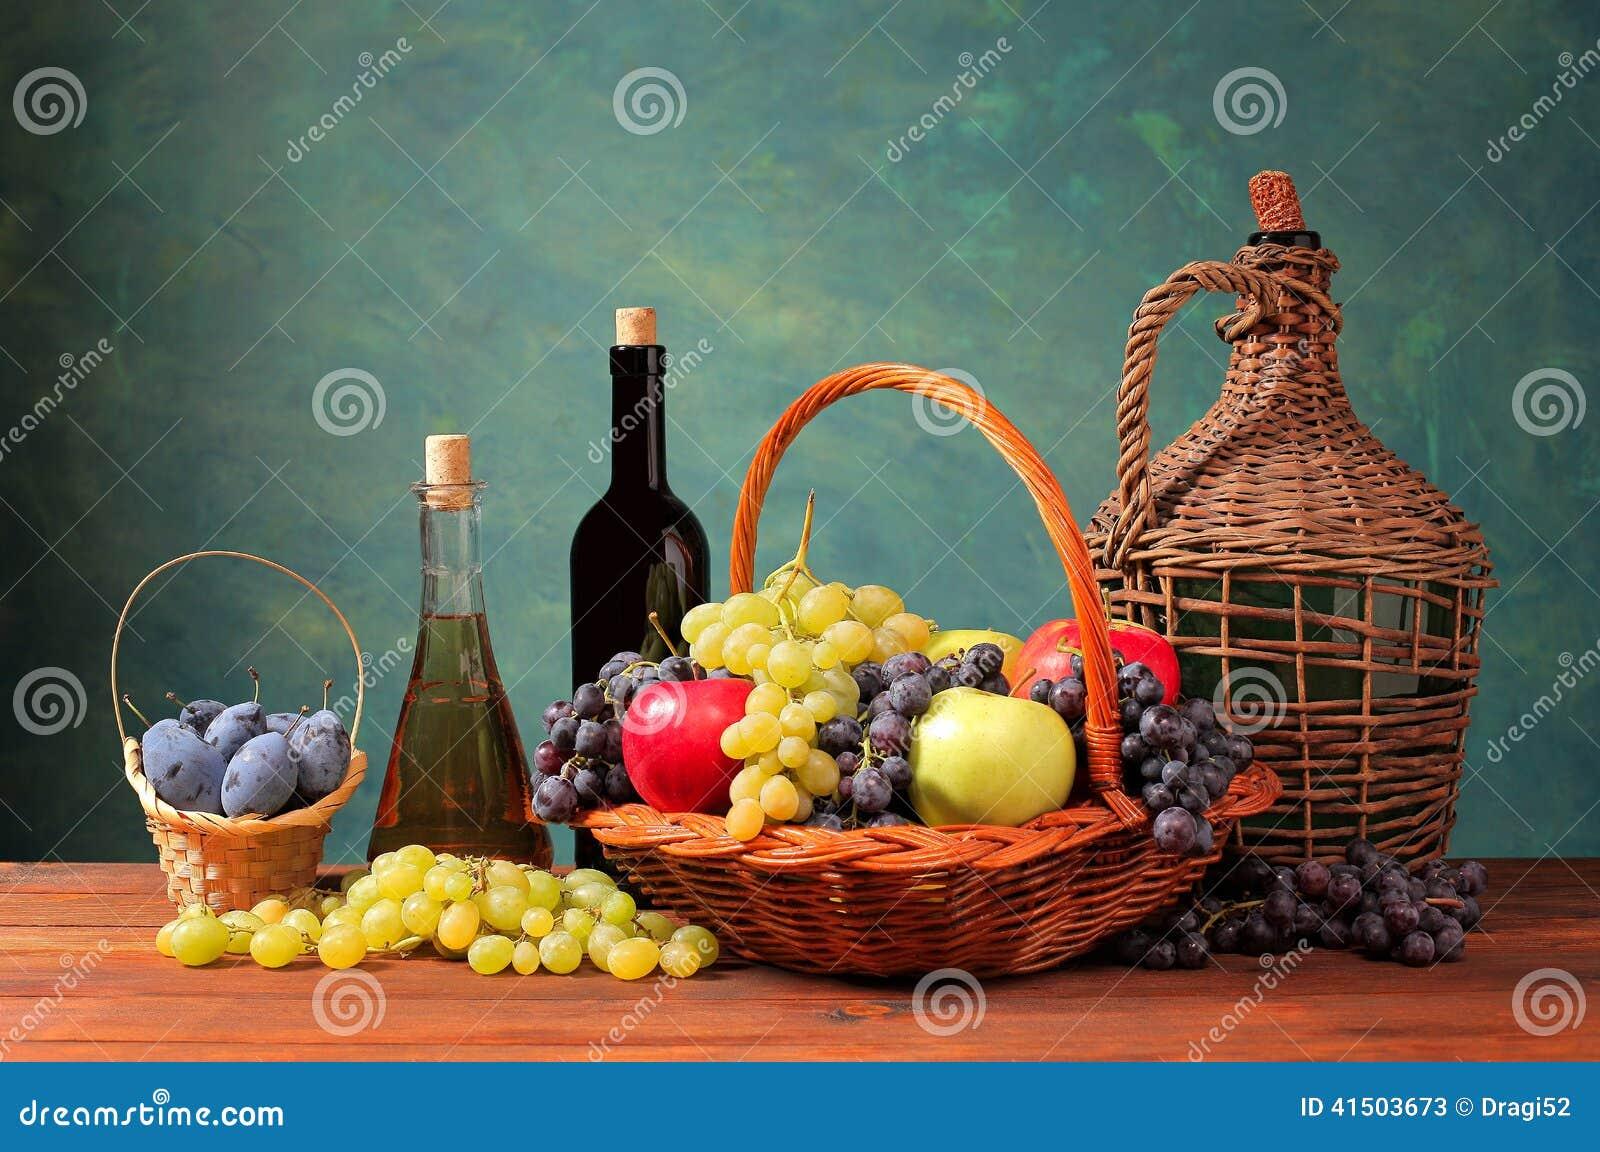 fruit frais dans un panier en osier et bouteille de vin photo stock image 41503673. Black Bedroom Furniture Sets. Home Design Ideas